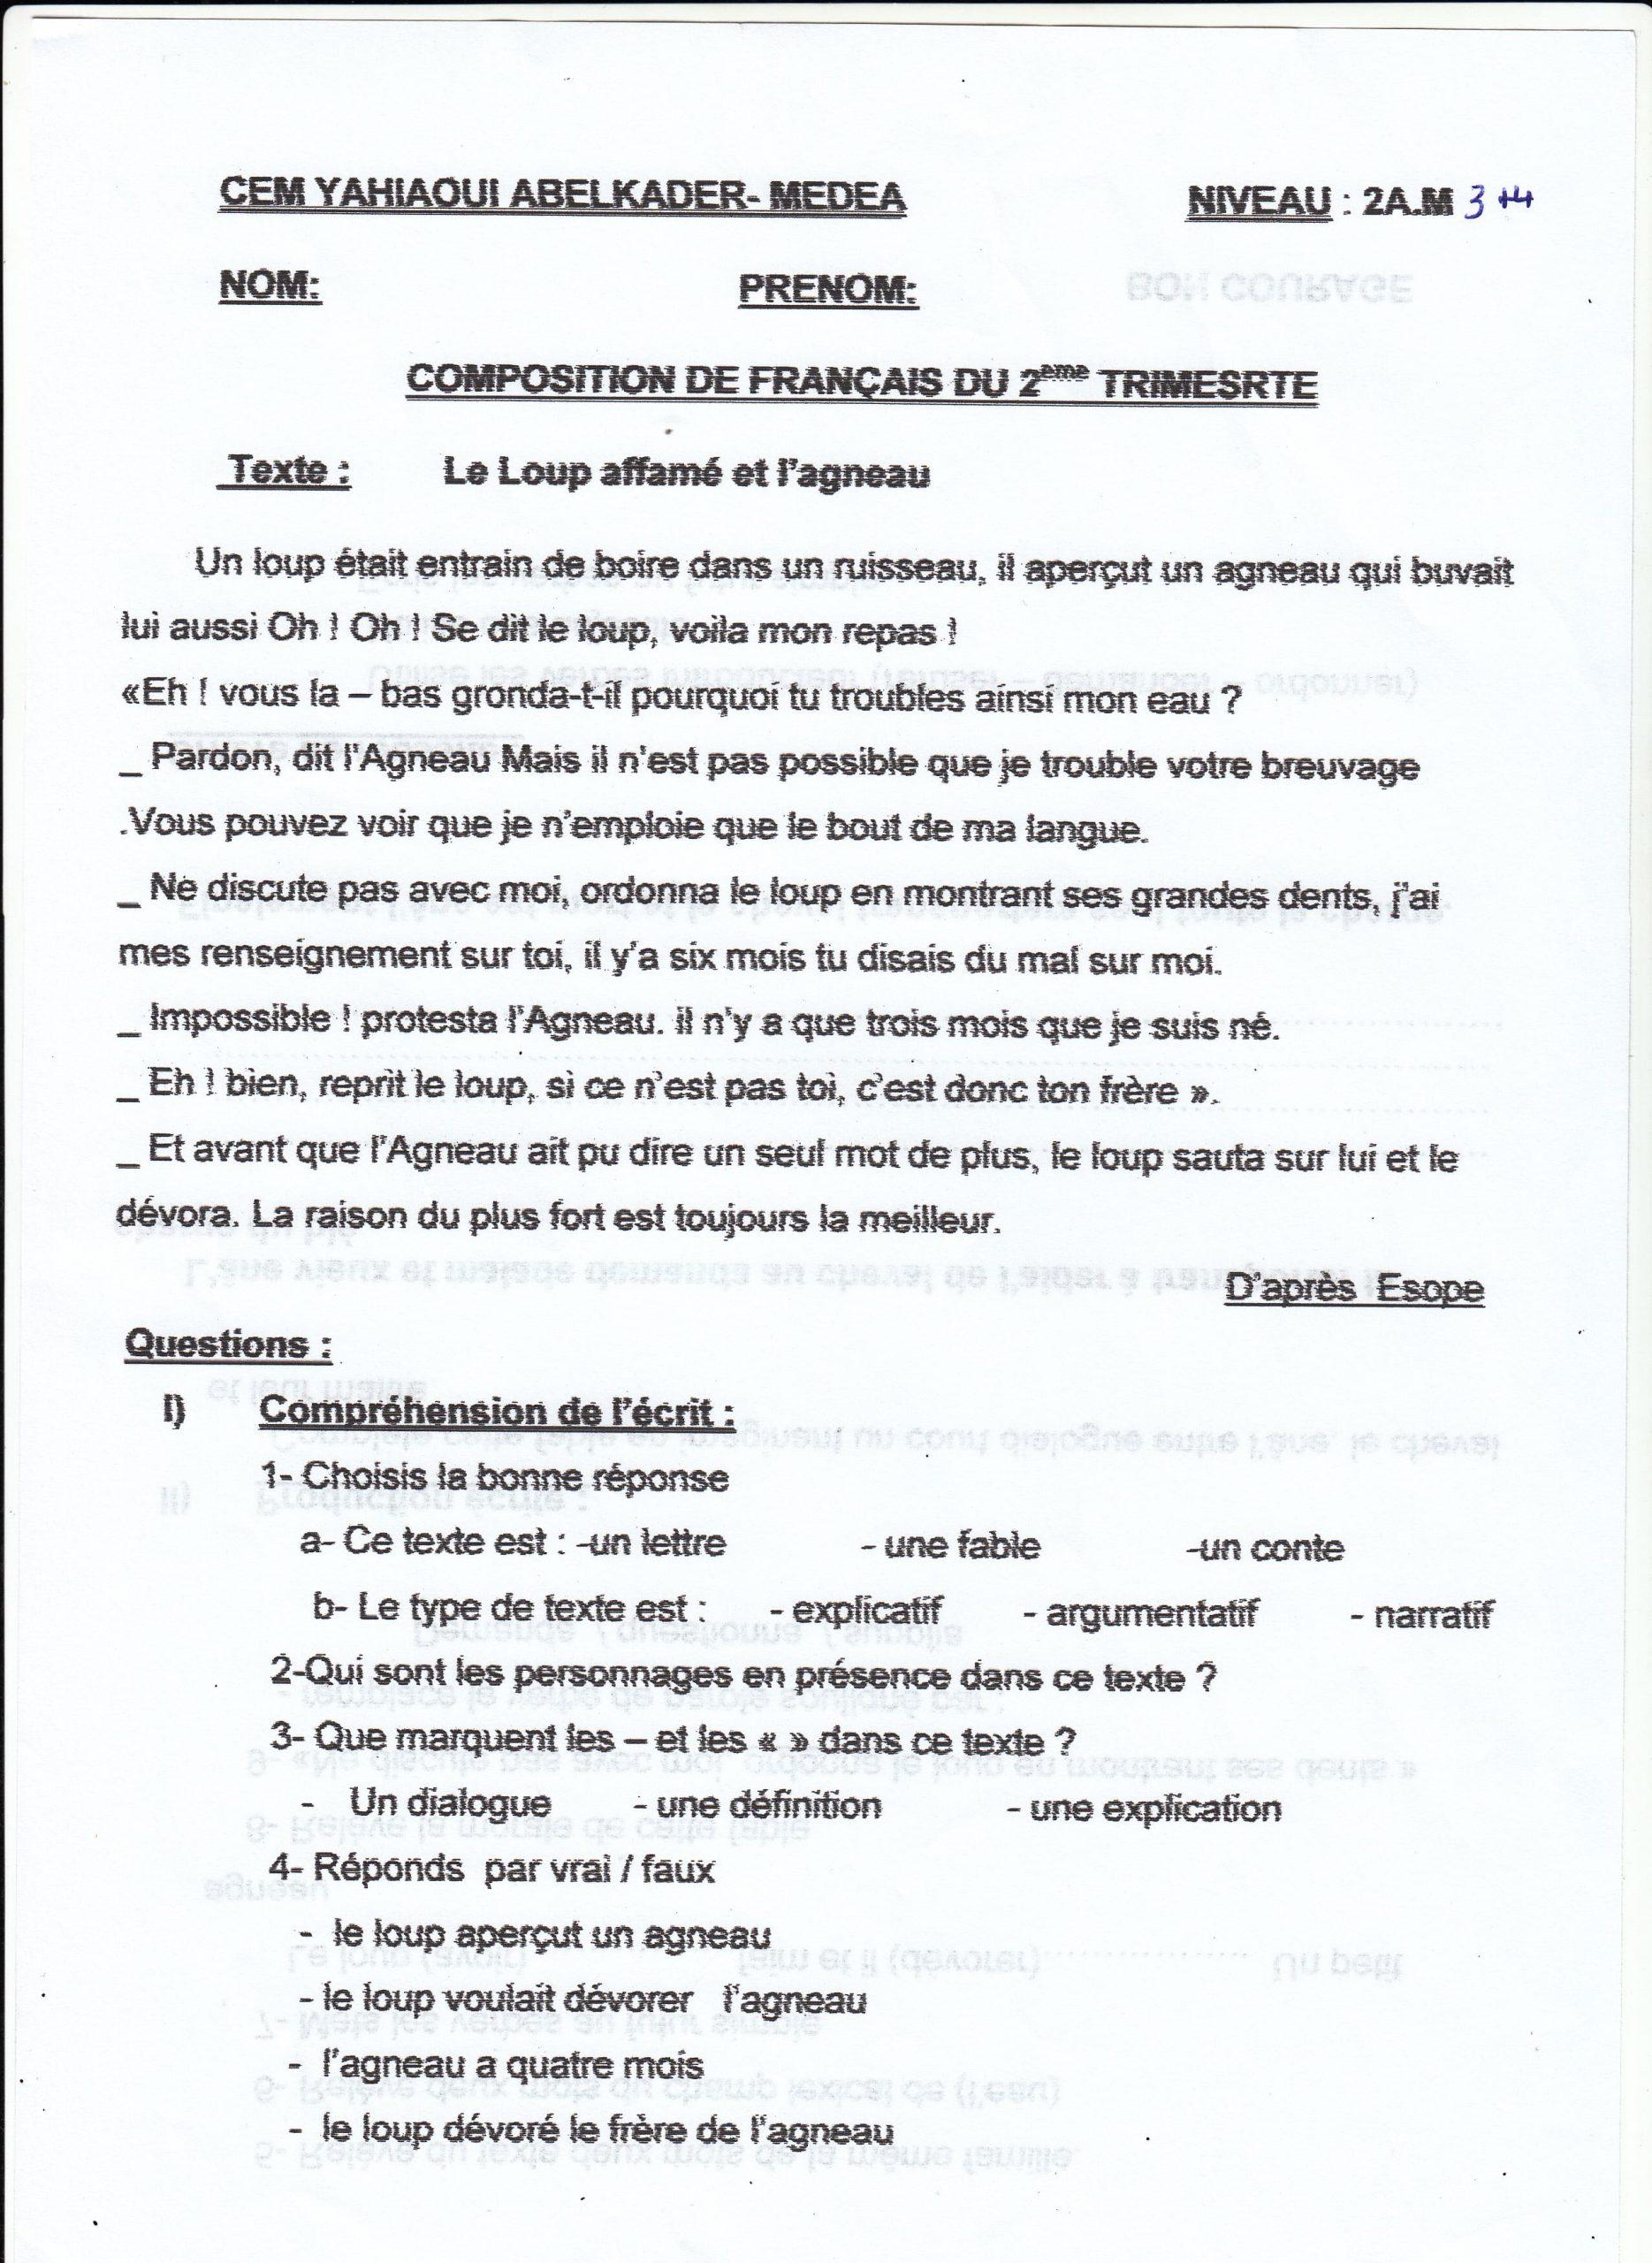 اختبار الفصل الثاني في اللغة الفرنسية للسنة الثانية متوسط - الموضوع 01